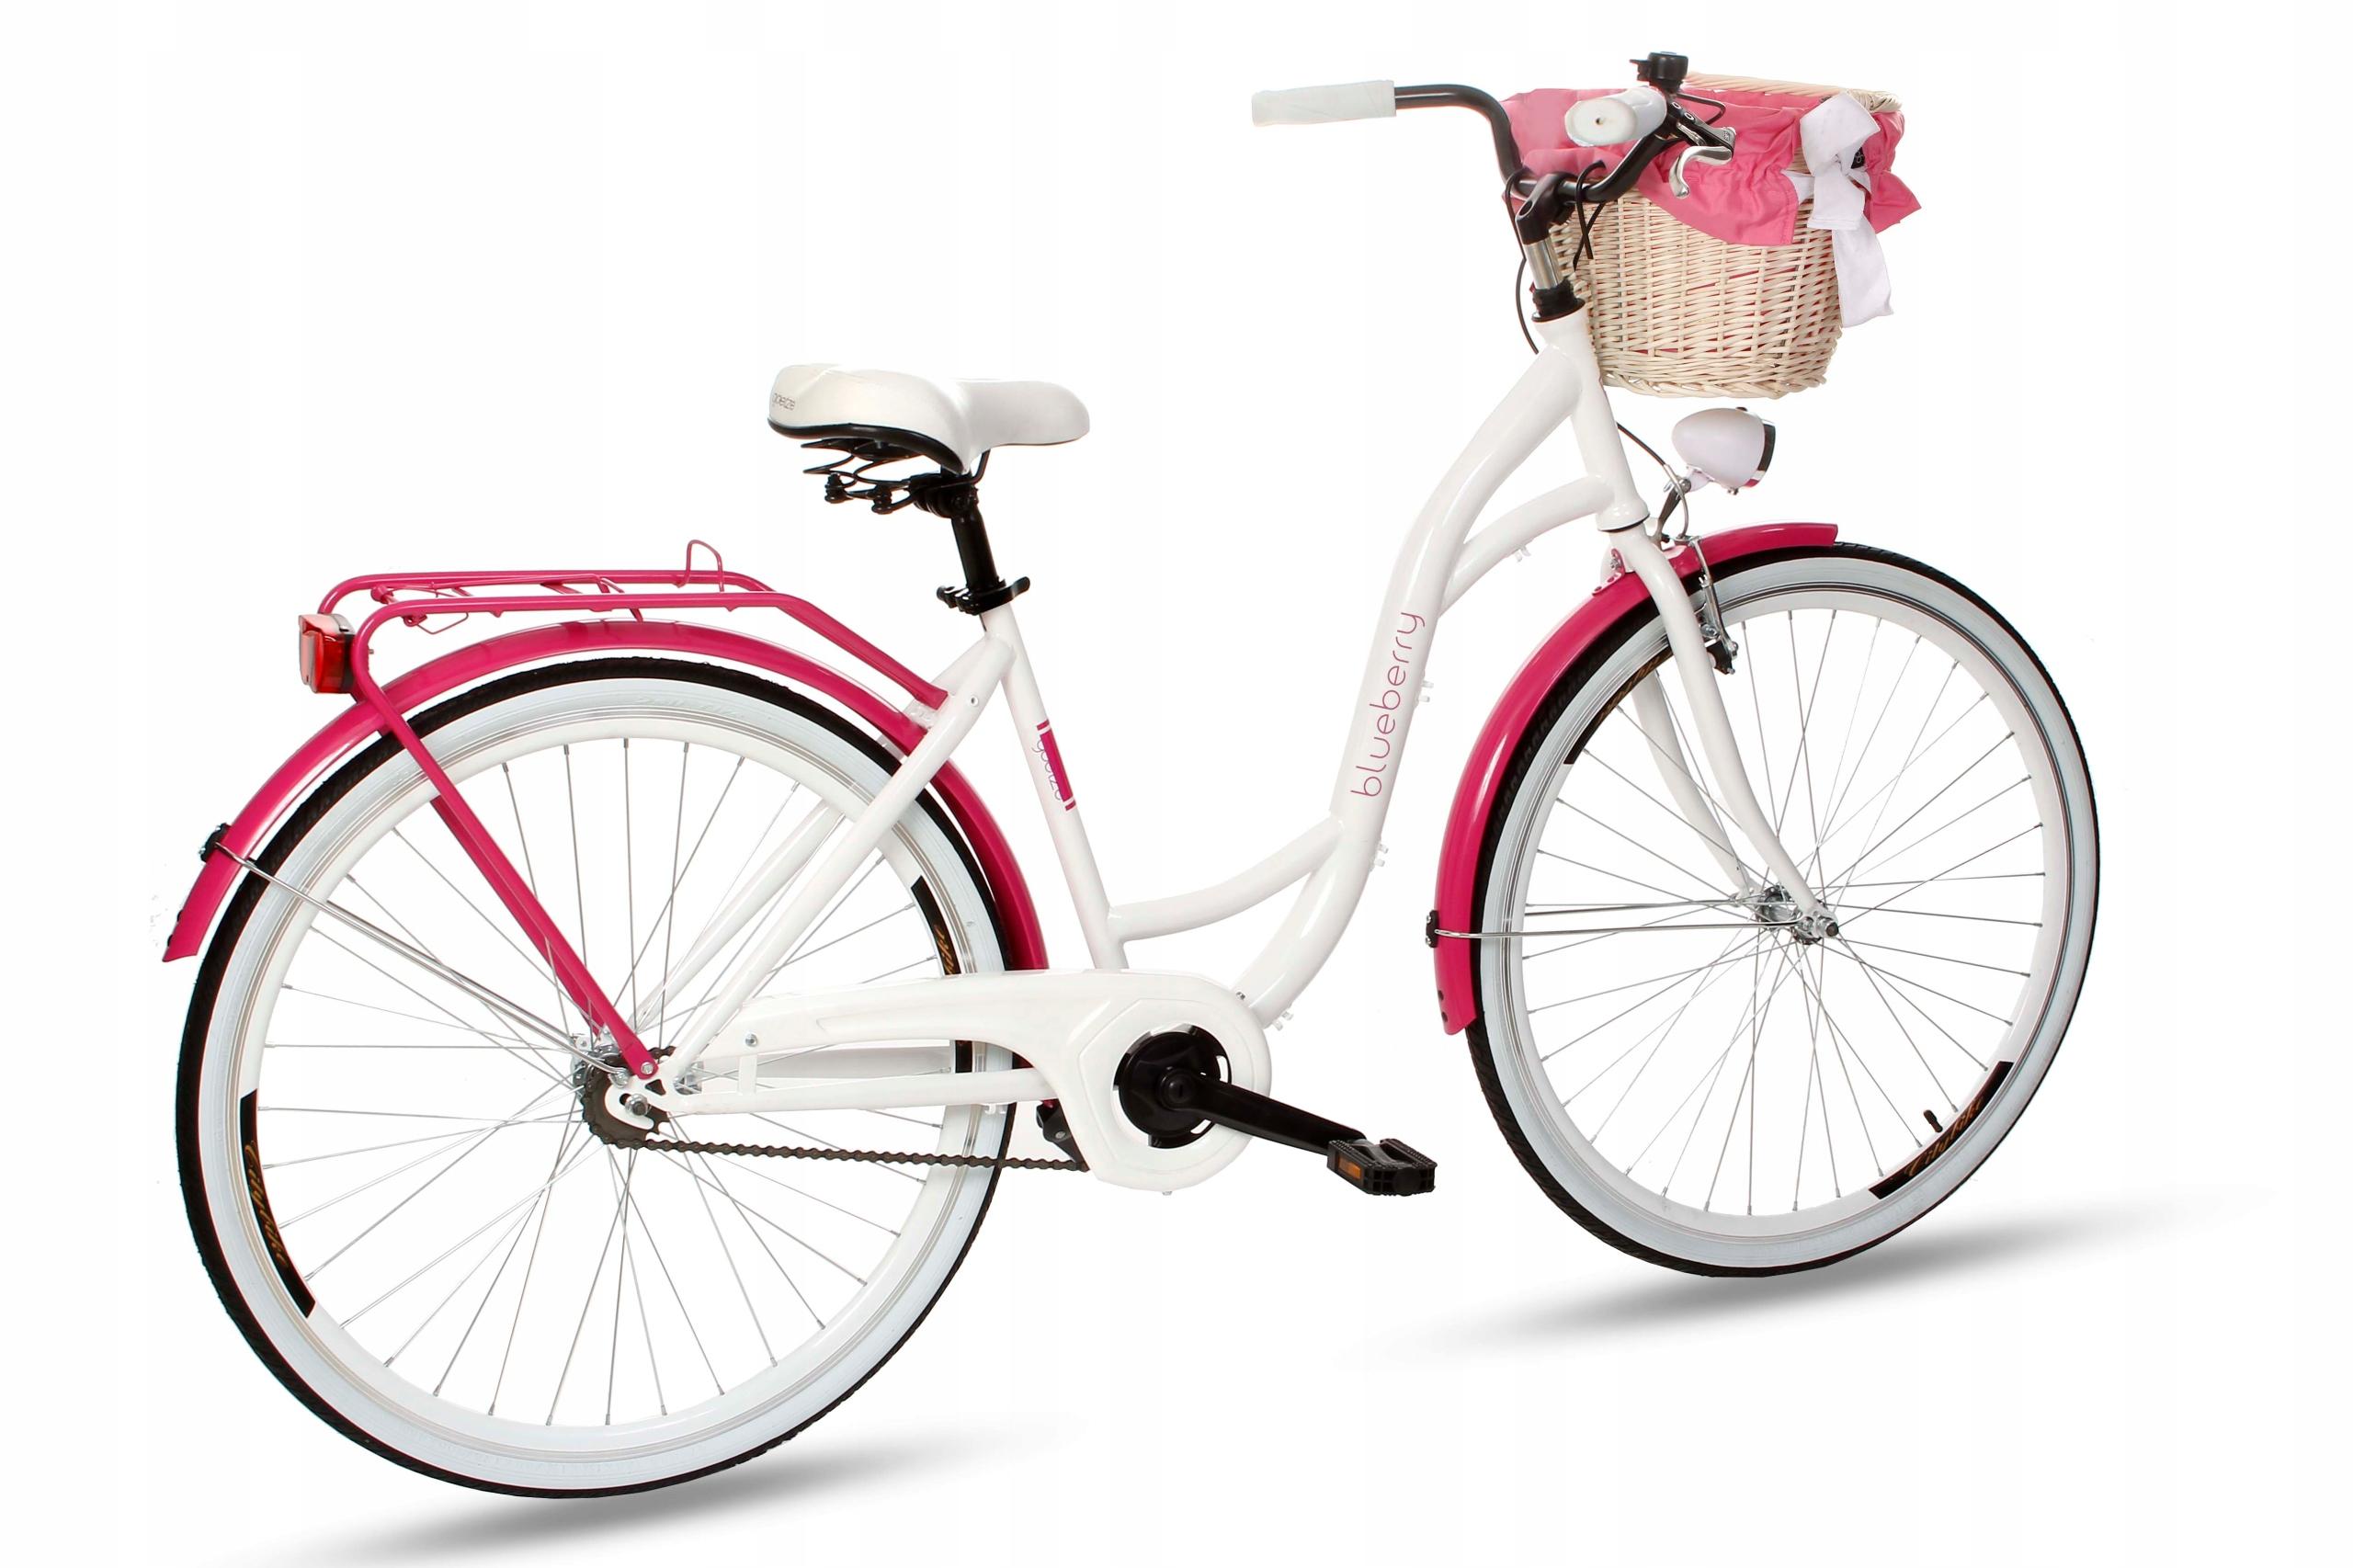 Dámsky mestský bicykel Goetze BLUEBERRY 28 košík!  Farba iná